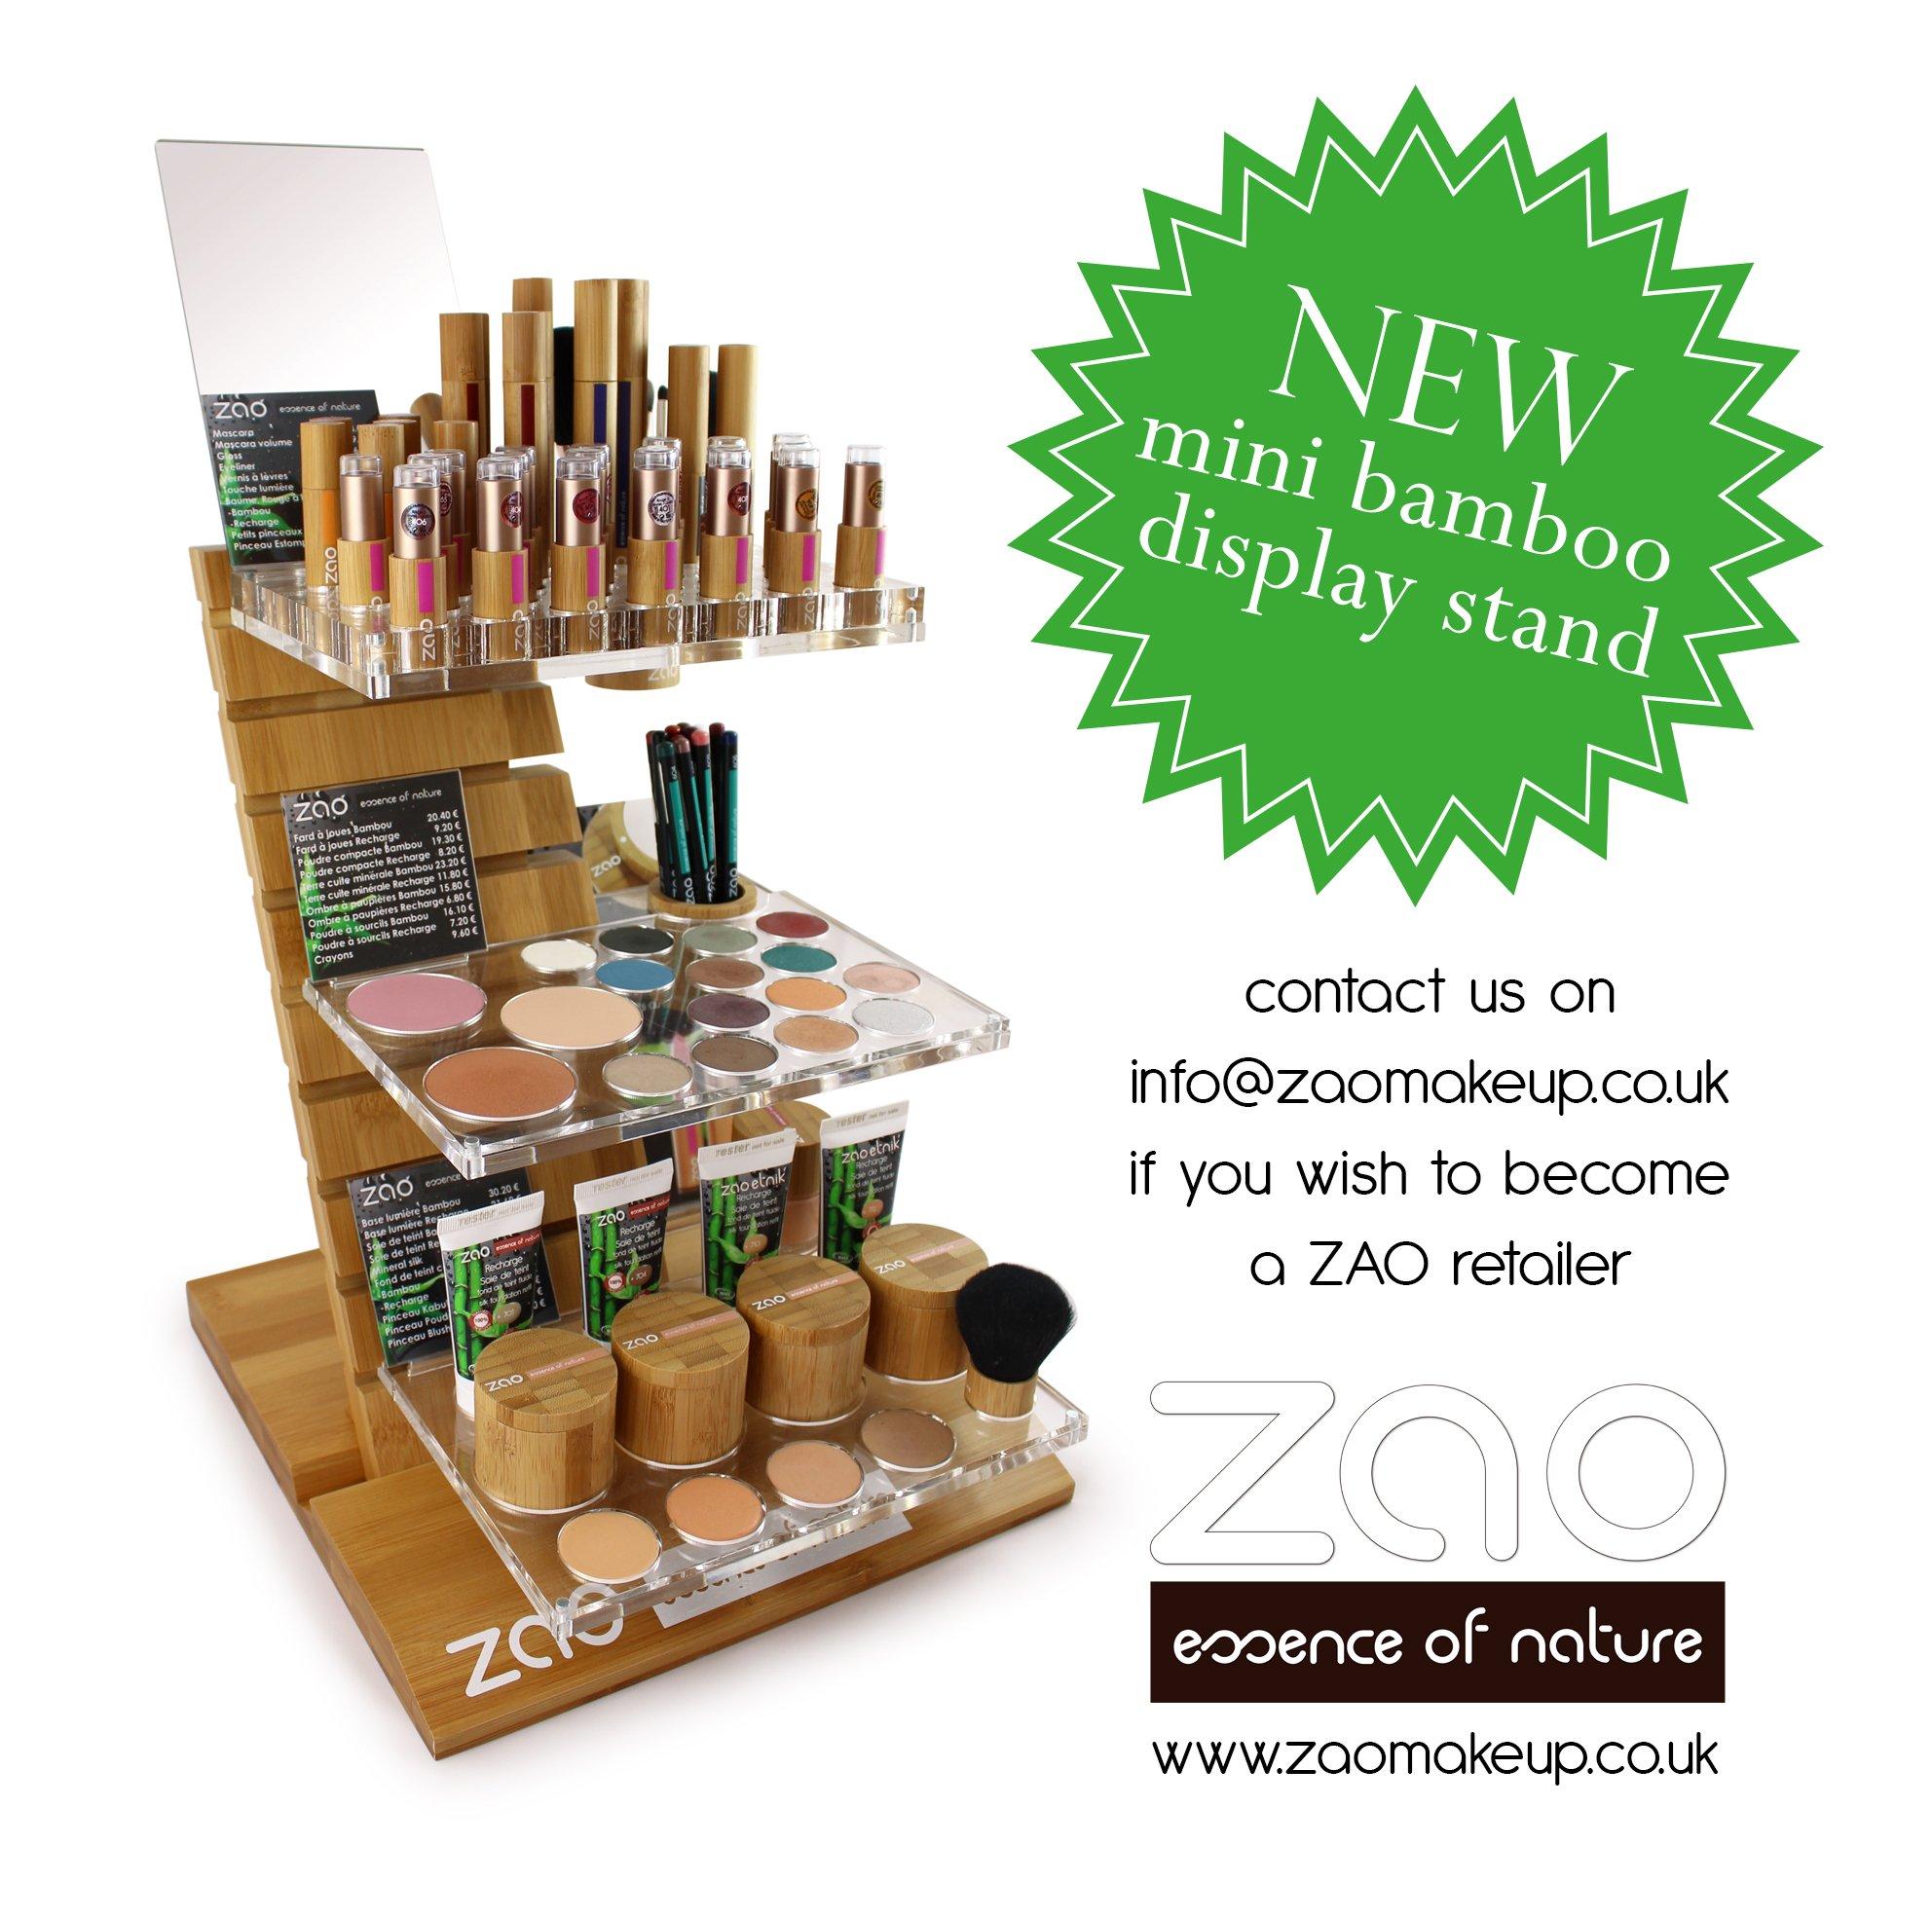 New Zao Mini Bamboo Display Stand